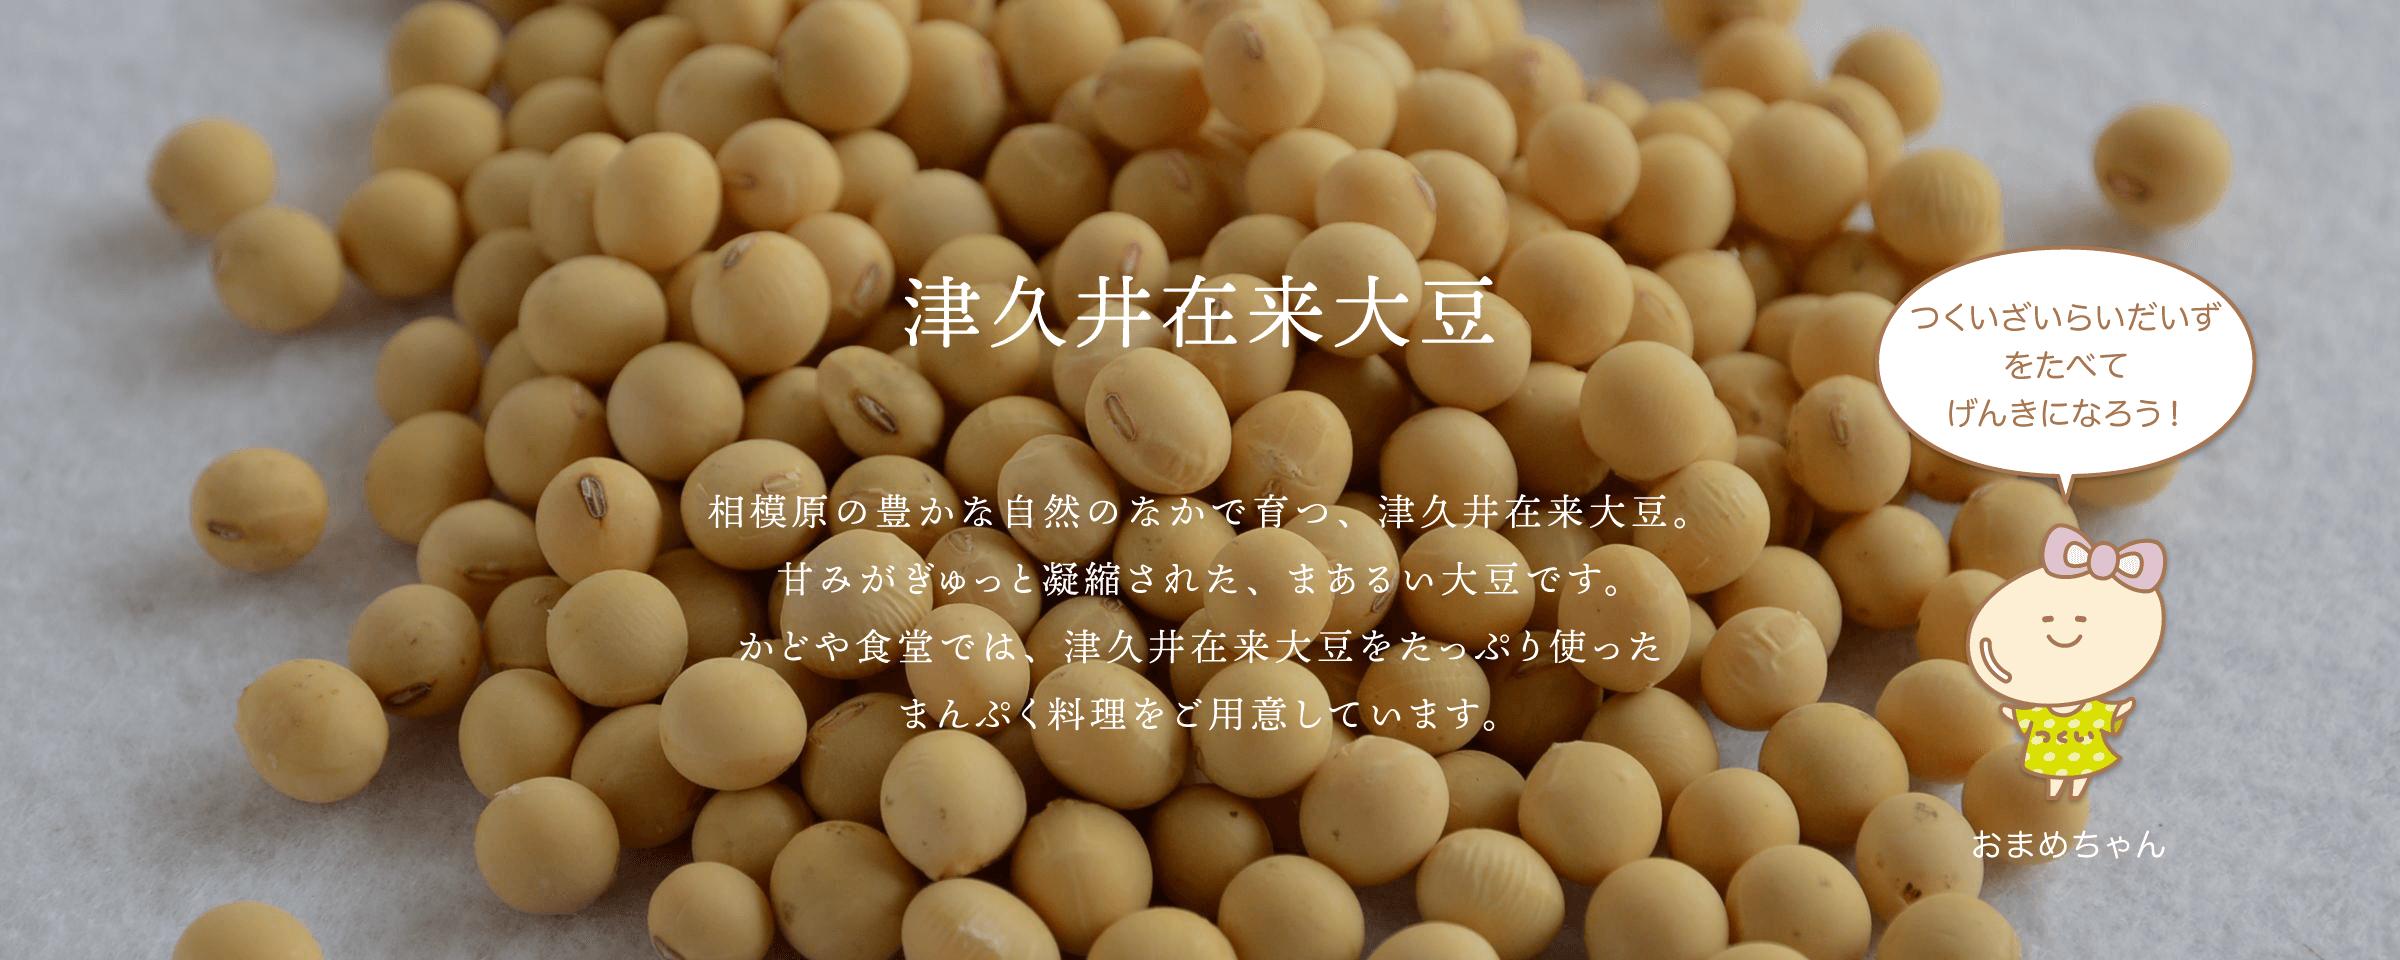 津久井大豆 相模原の豊かな自然のなかで育つ、津久井大豆。 甘みがぎゅっと凝縮された、まあるい大豆です。 かどや食堂では、津久井大豆をたっぷり使った まんぷく料理をご用意しています。